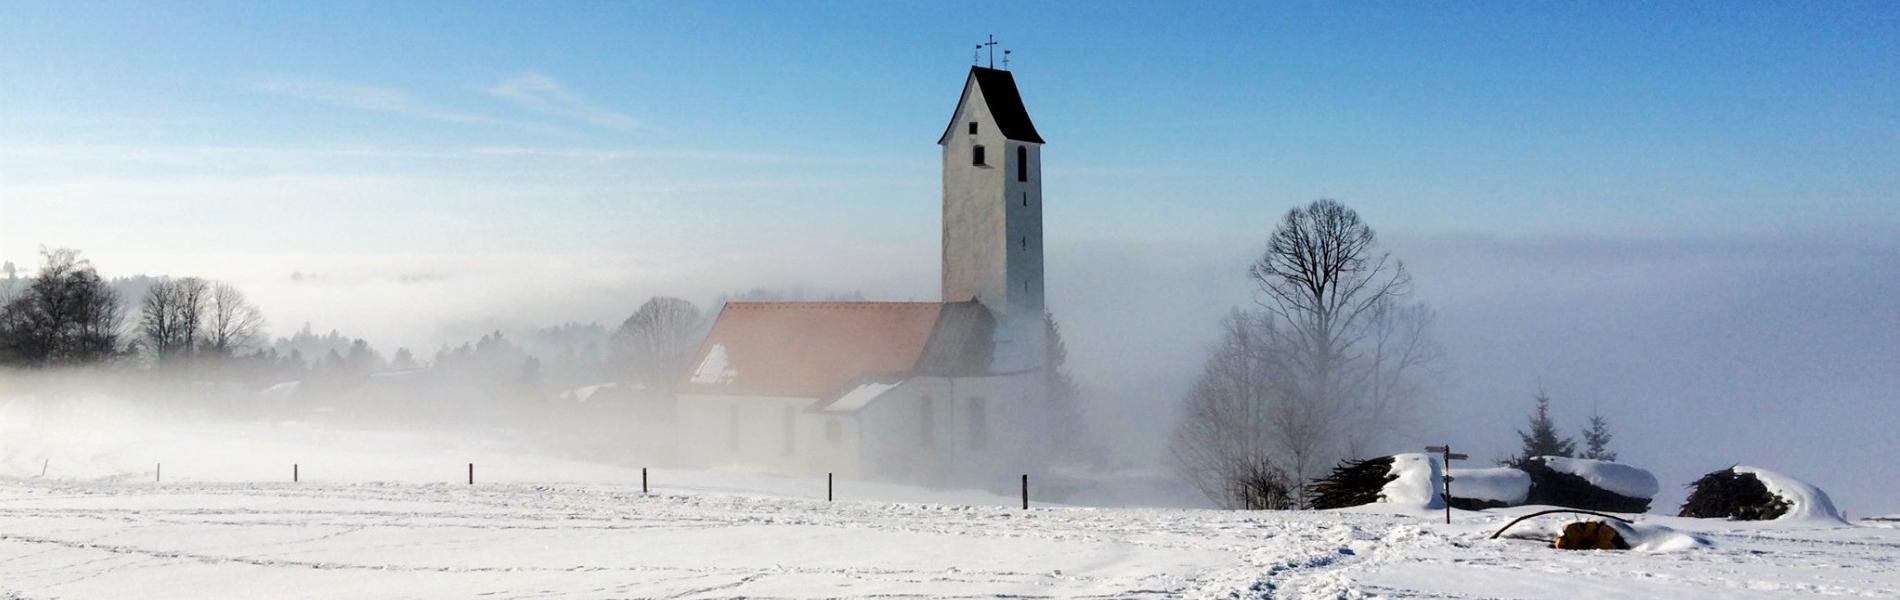 Winterlandschaft Scheidegg